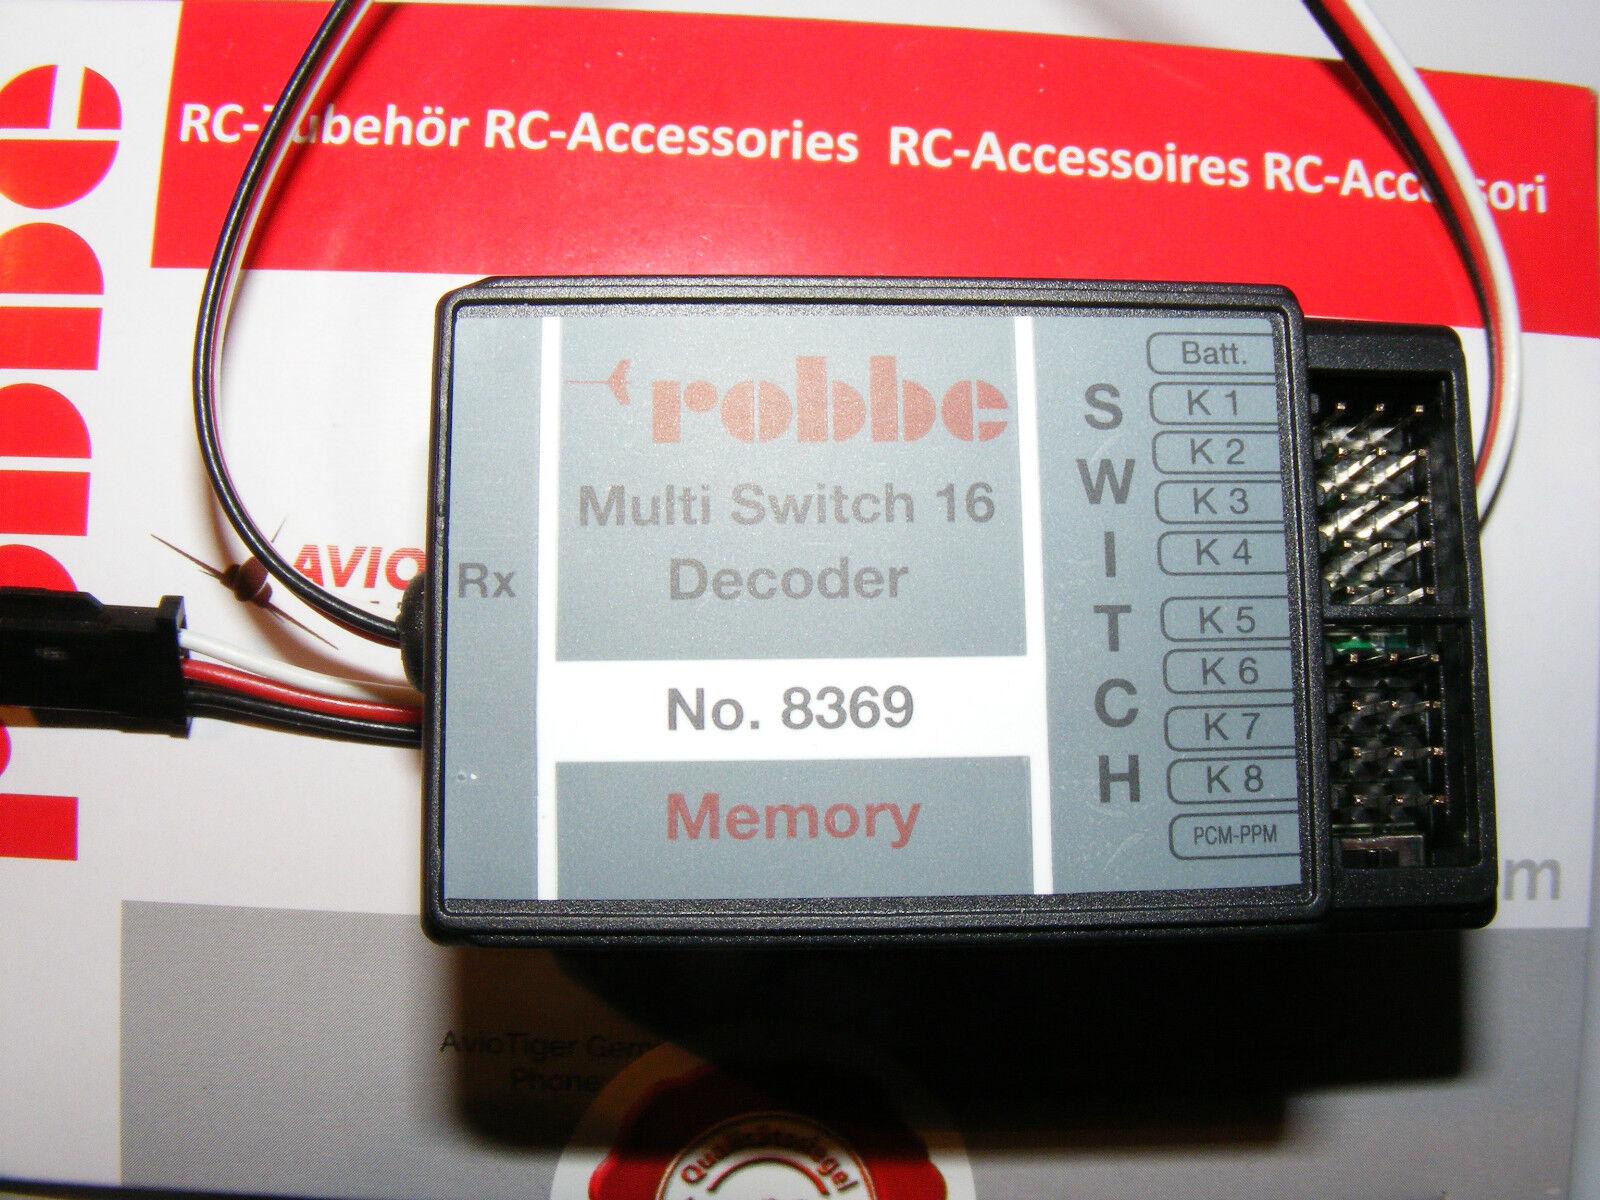 Robbe multi-Switch 16 descodificador Memory Art. 8369